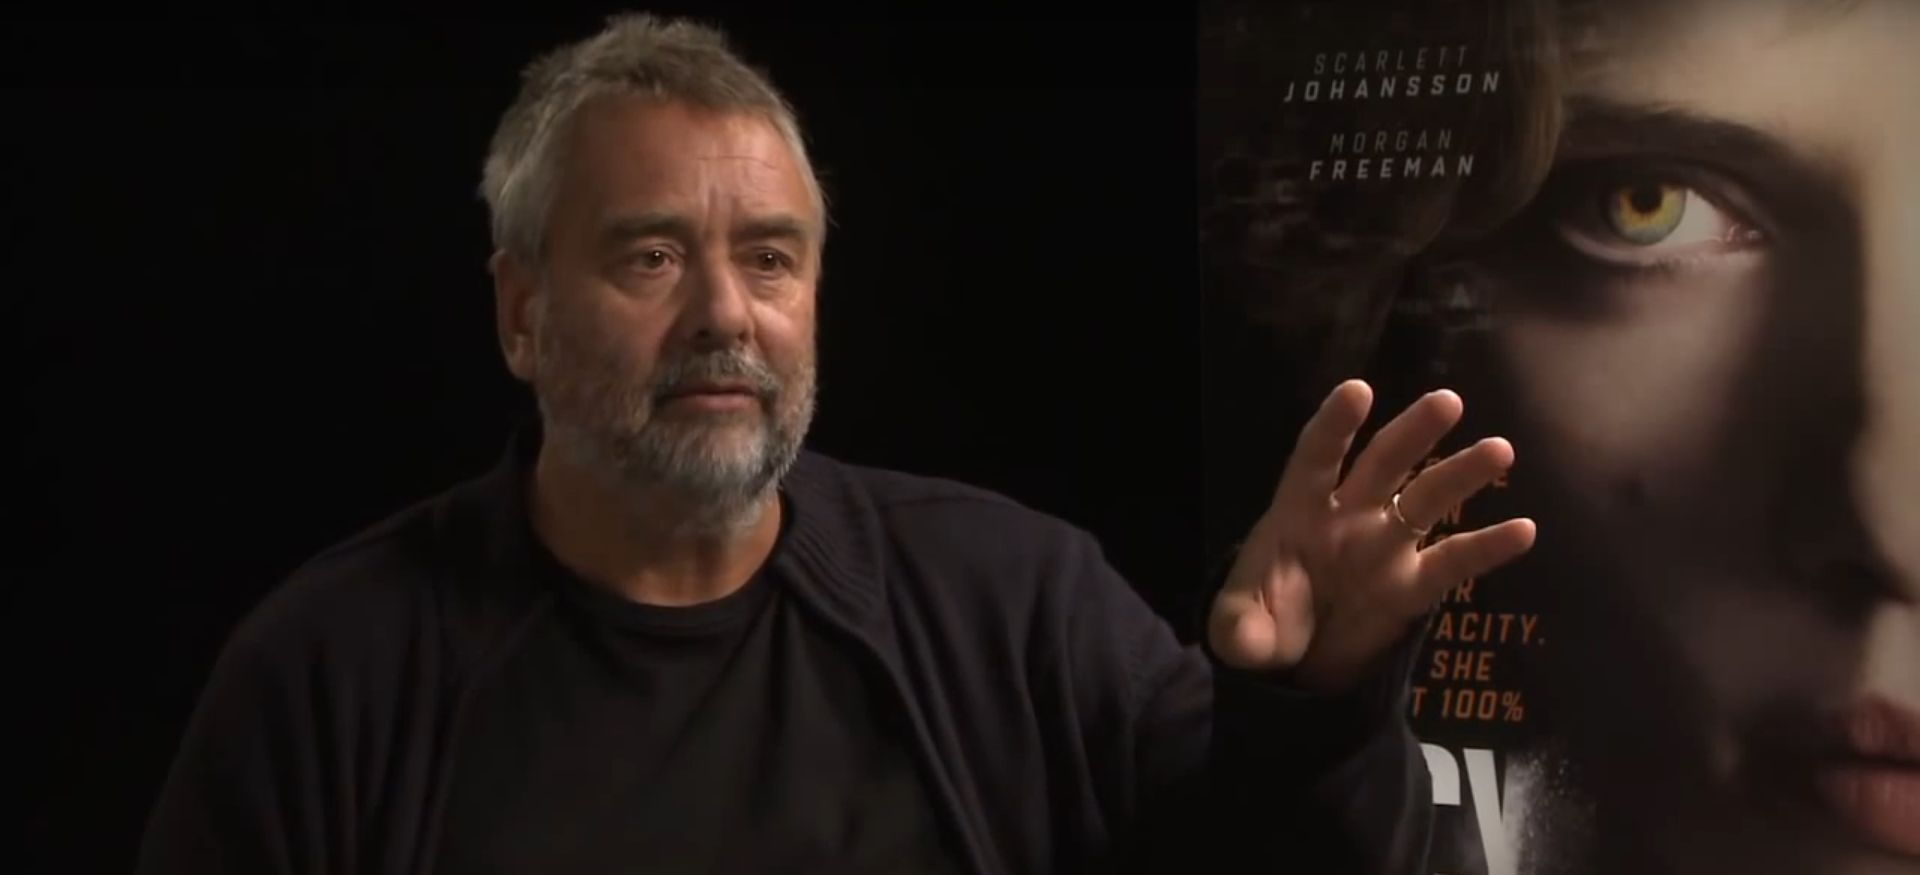 Protiv redatelja Luca Bessona podignuta optužnica za silovanje